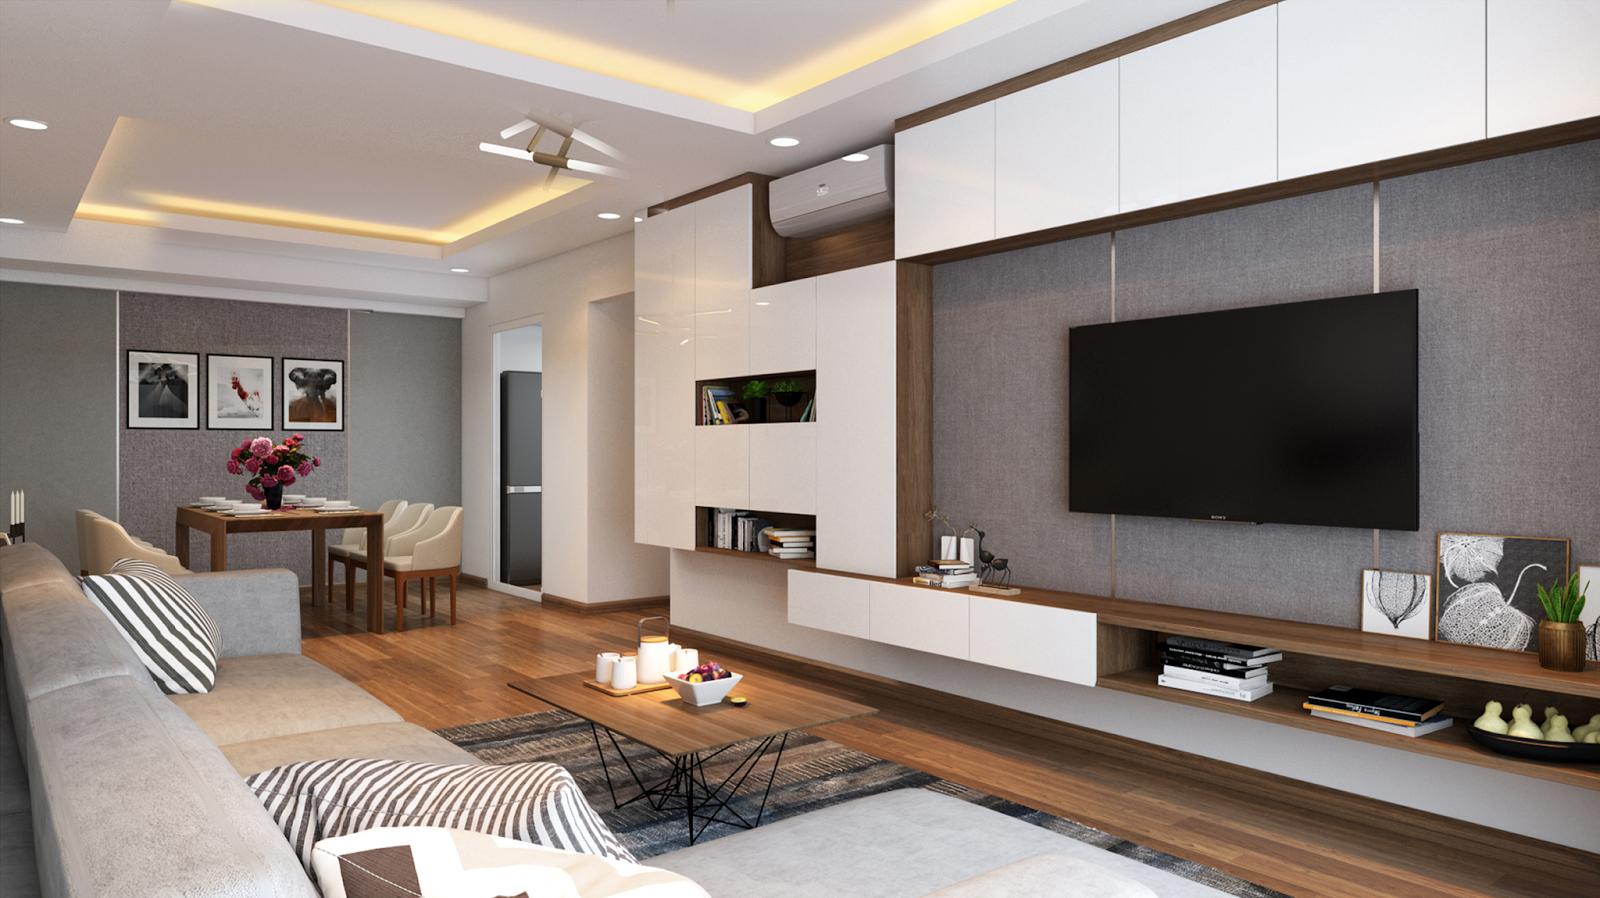 Phòng khách căn hộ mẫu chung cư Imperial Plaza